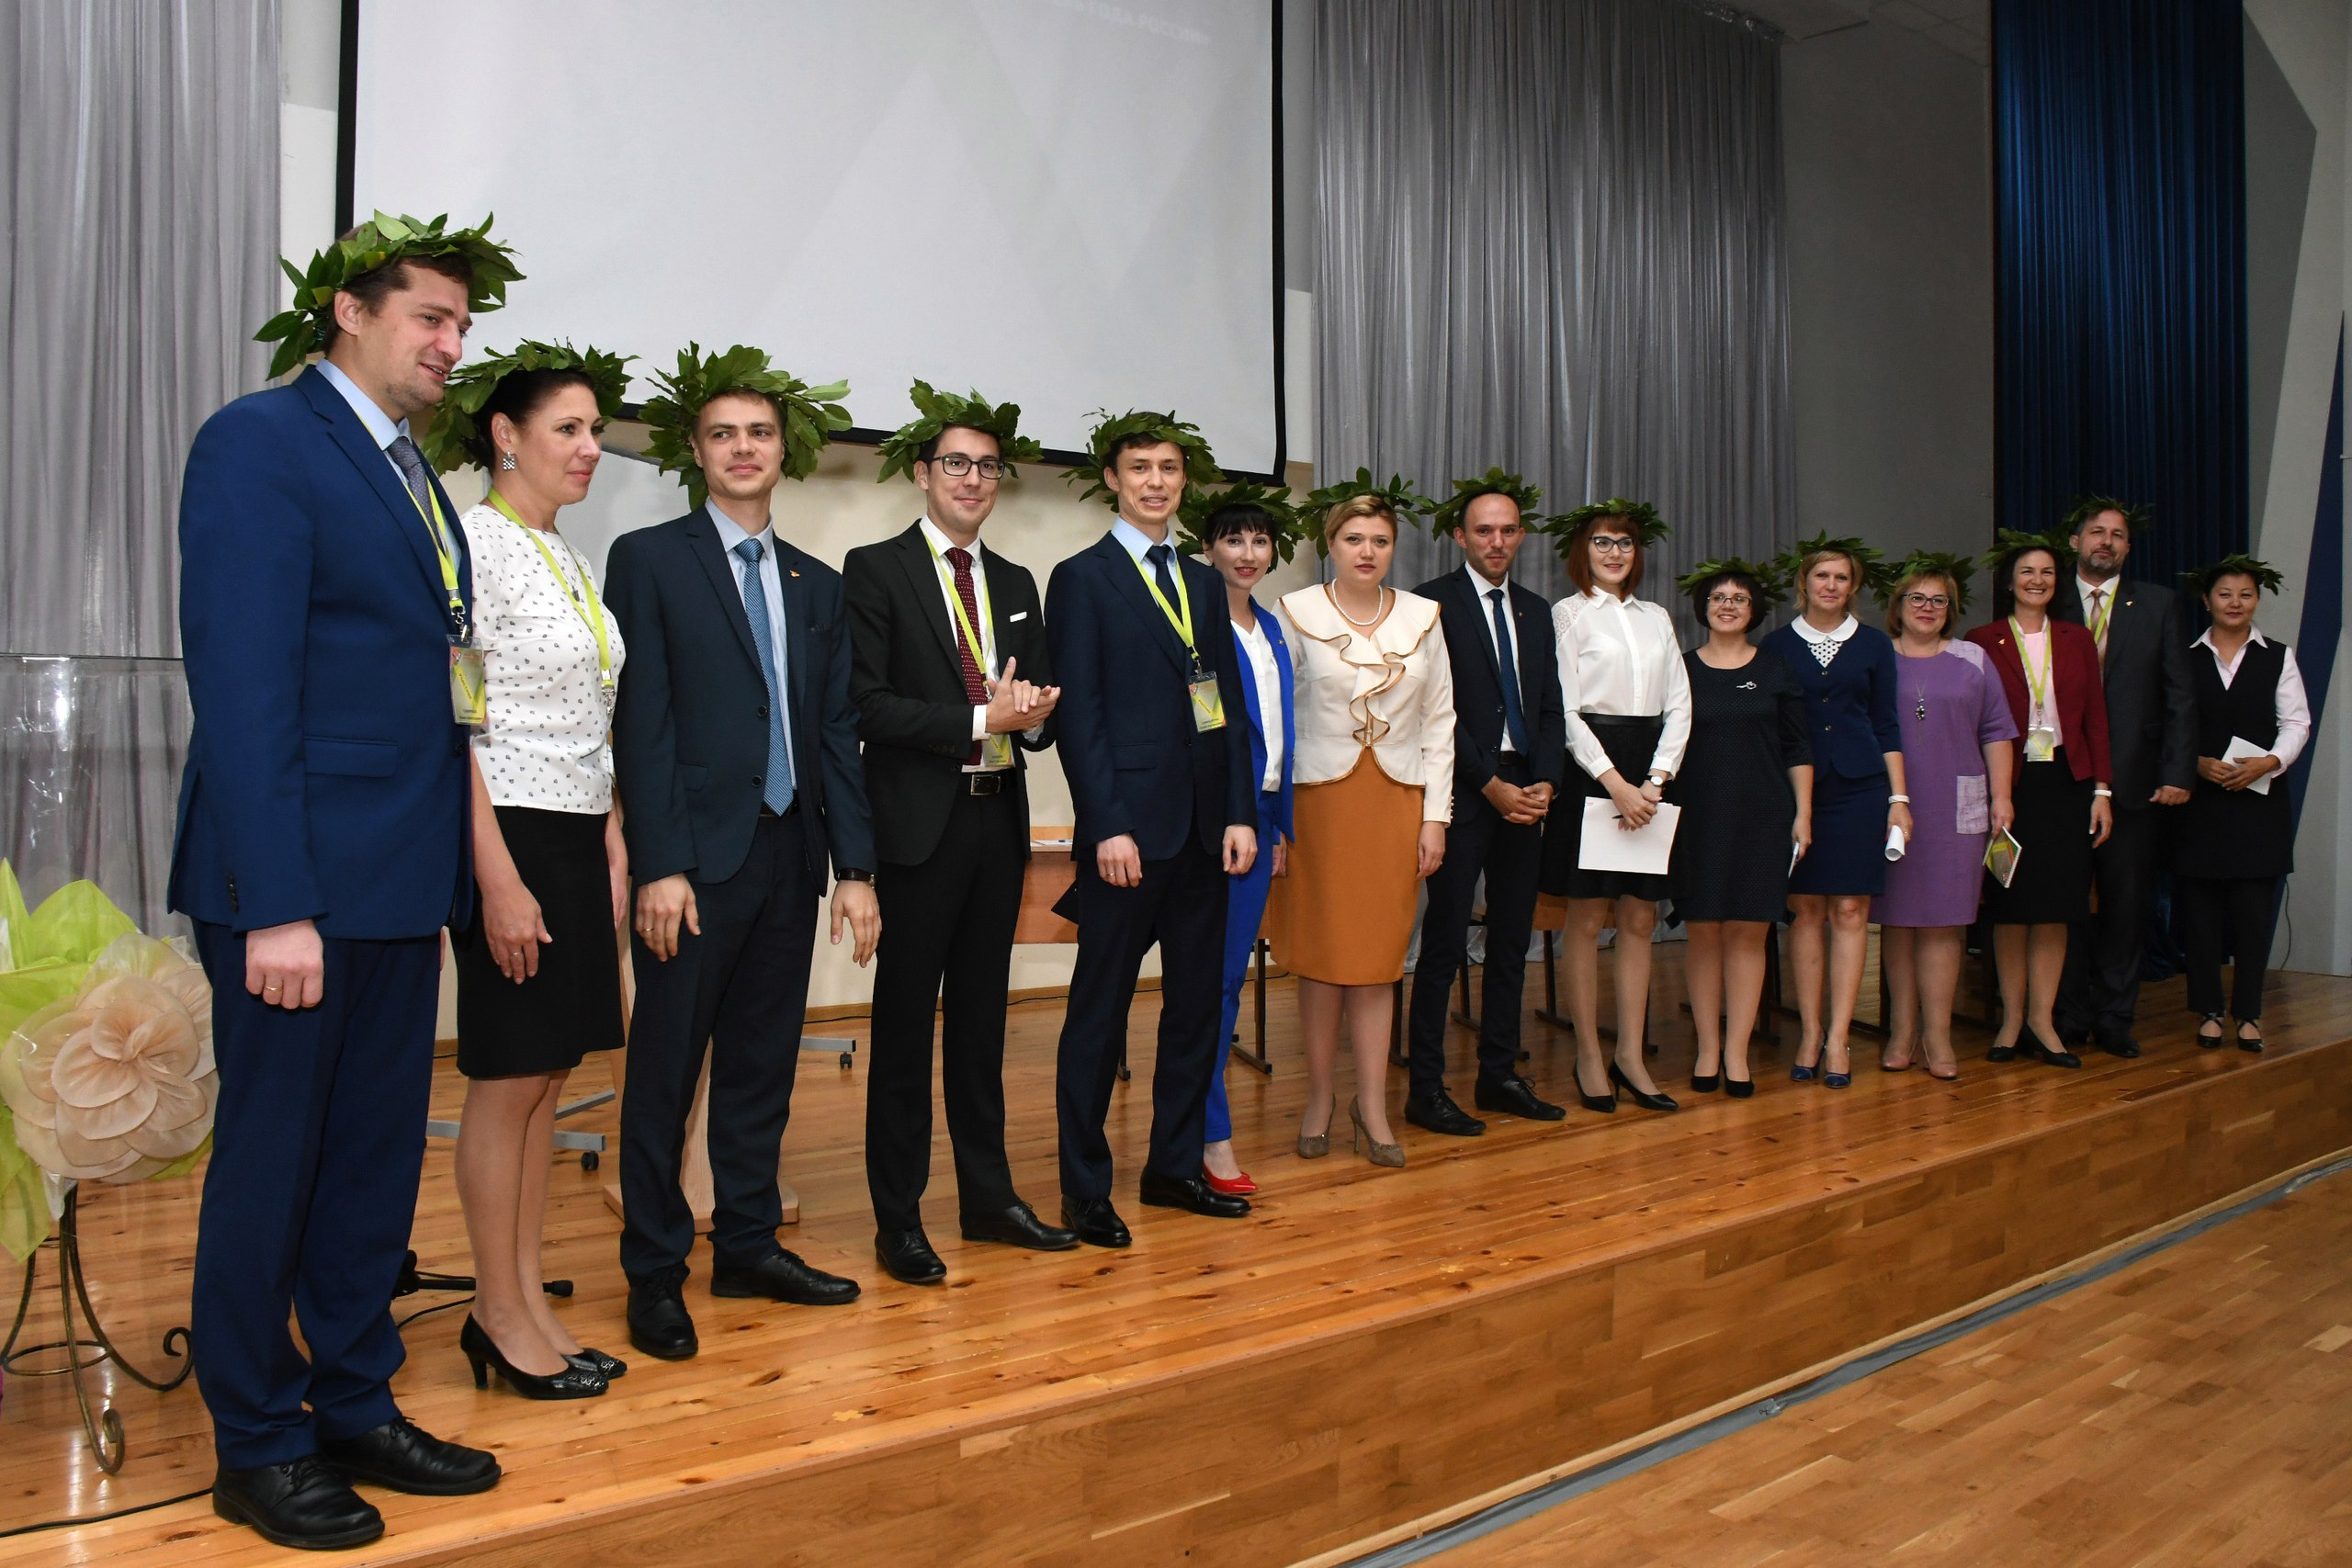 На пресс-конференции в Сочи обсудили роль конкурса «Учитель года России» в повышении престижа педагогической профессии